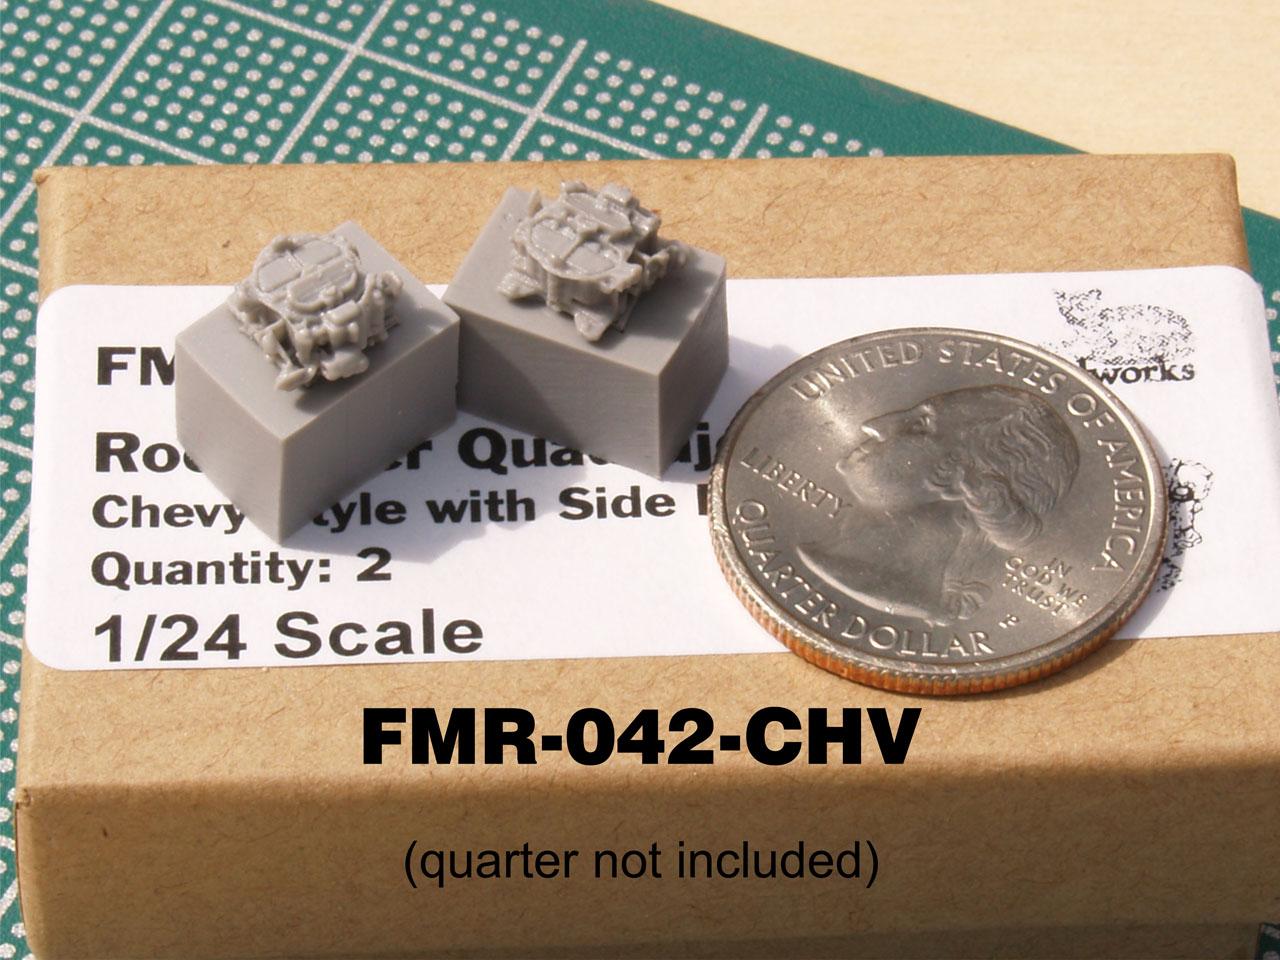 5497F6A7-252C-4A80-BE8F-4EEA56A3D771.jpeg